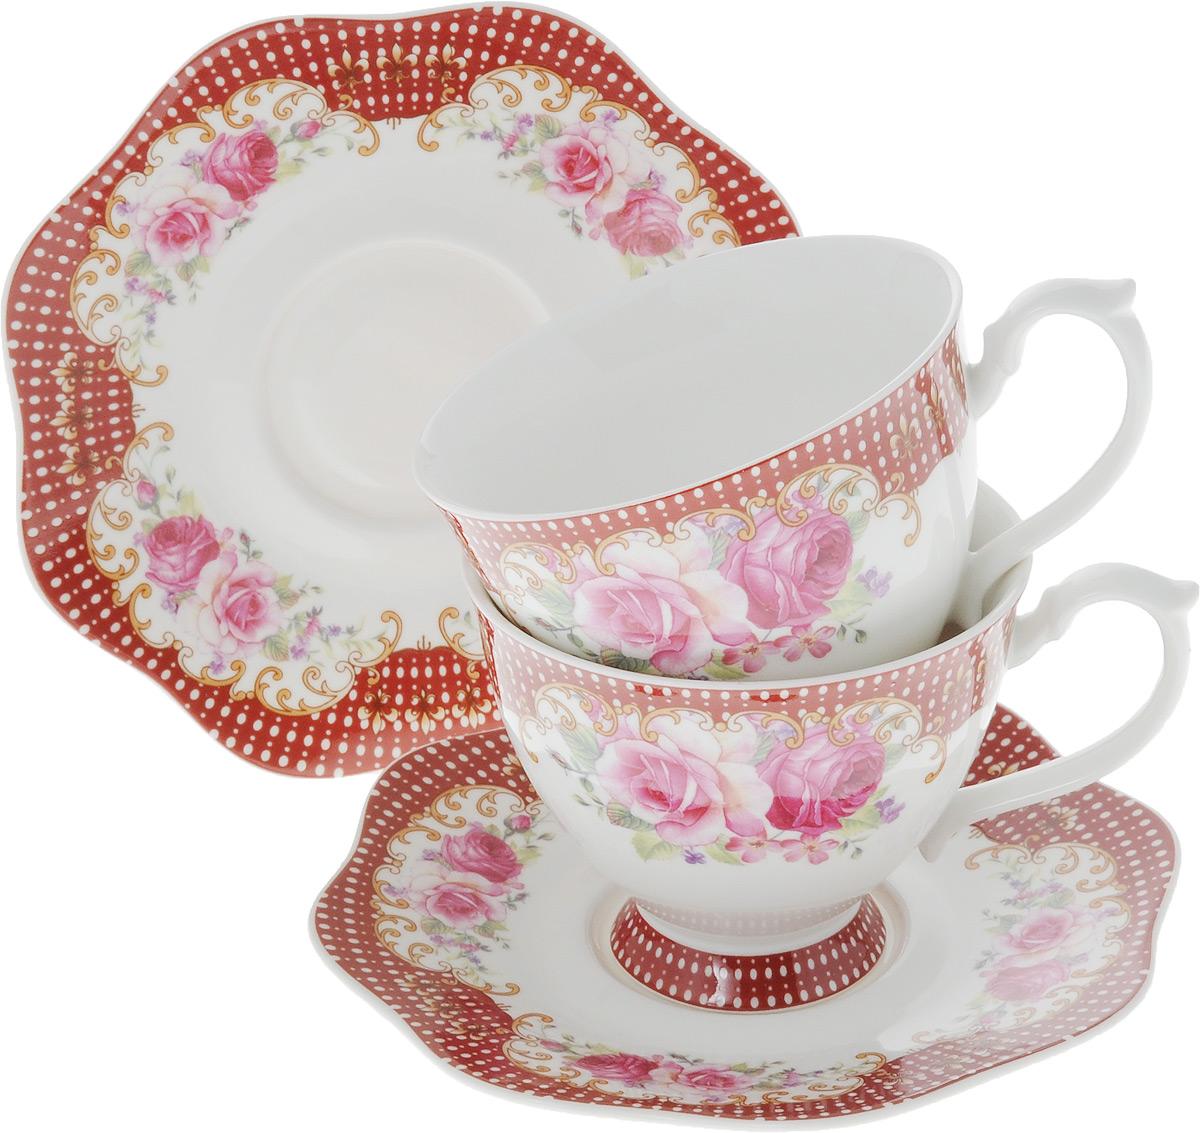 Набор чайный Loraine, 4 предмета. 2662268/5/2Чайный набор Loraine на 2 персоны выполнен из высококачественного костяного фарфора - материала, безопасного для здоровья и надолго сохраняющего тепло напитка. В наборе 2 чашки и 2 блюдца. Несмотря на свою внешнюю хрупкость, каждый из предметов набора обладает высокой прочностью и надежностью. Изделия дополнены ярким красивым узором. Оригинальный дизайн сделает этот набор изысканным украшением любого стола. Набор упакован в подарочную коробку в форме сердца, поэтому его можно преподнести в качестве оригинального и практичного подарка для родных и близких. Объем чашки: 180 мл. Диаметр чашки (по верхнему краю): 8,5 см. Высота чашки: 7 см. Диаметр блюдца: 13,5 см.